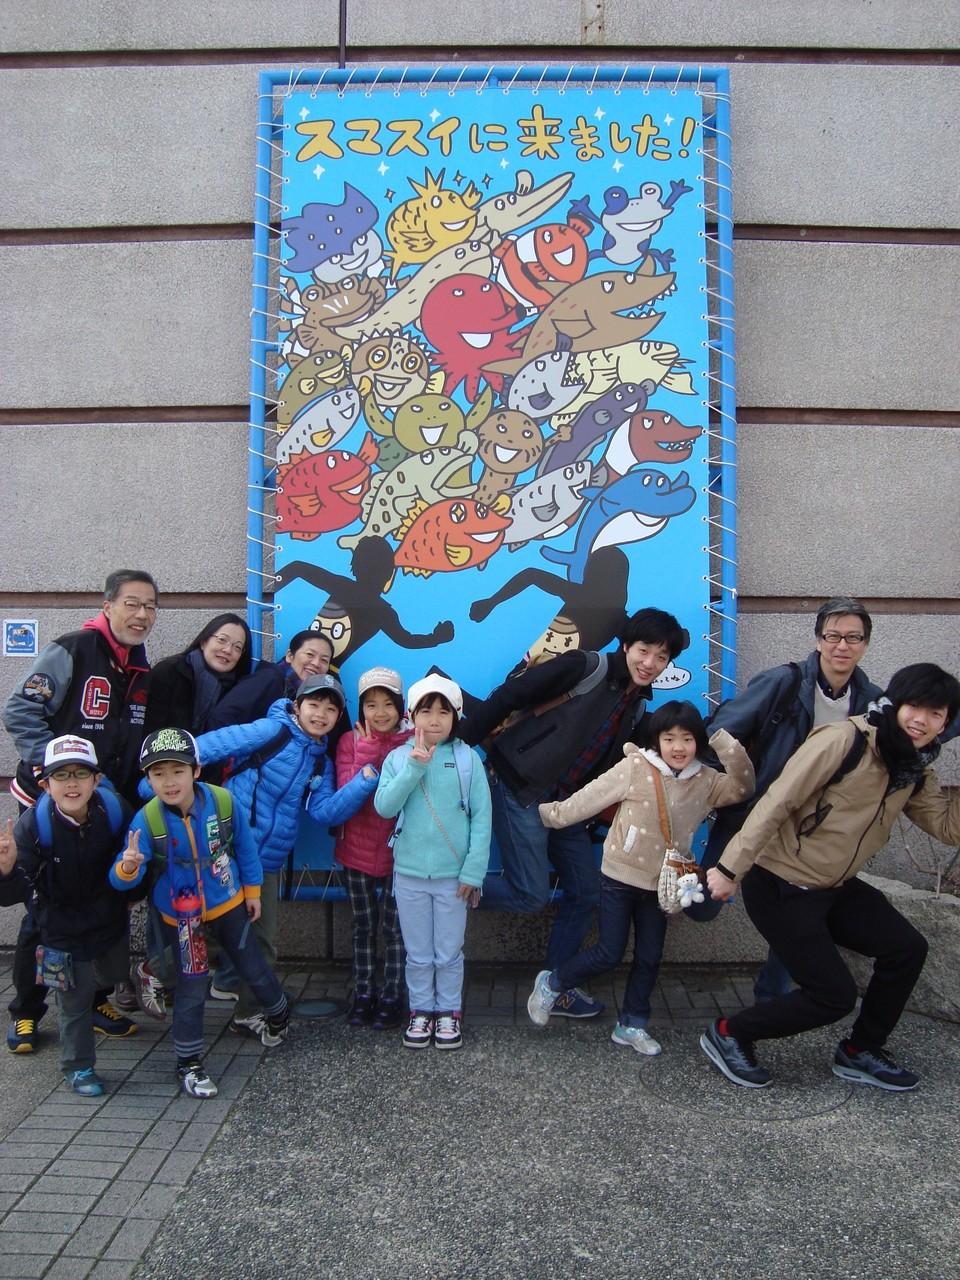 ふくしま・こうべこどもプログラム「春の神戸へ遊びに行こう!」